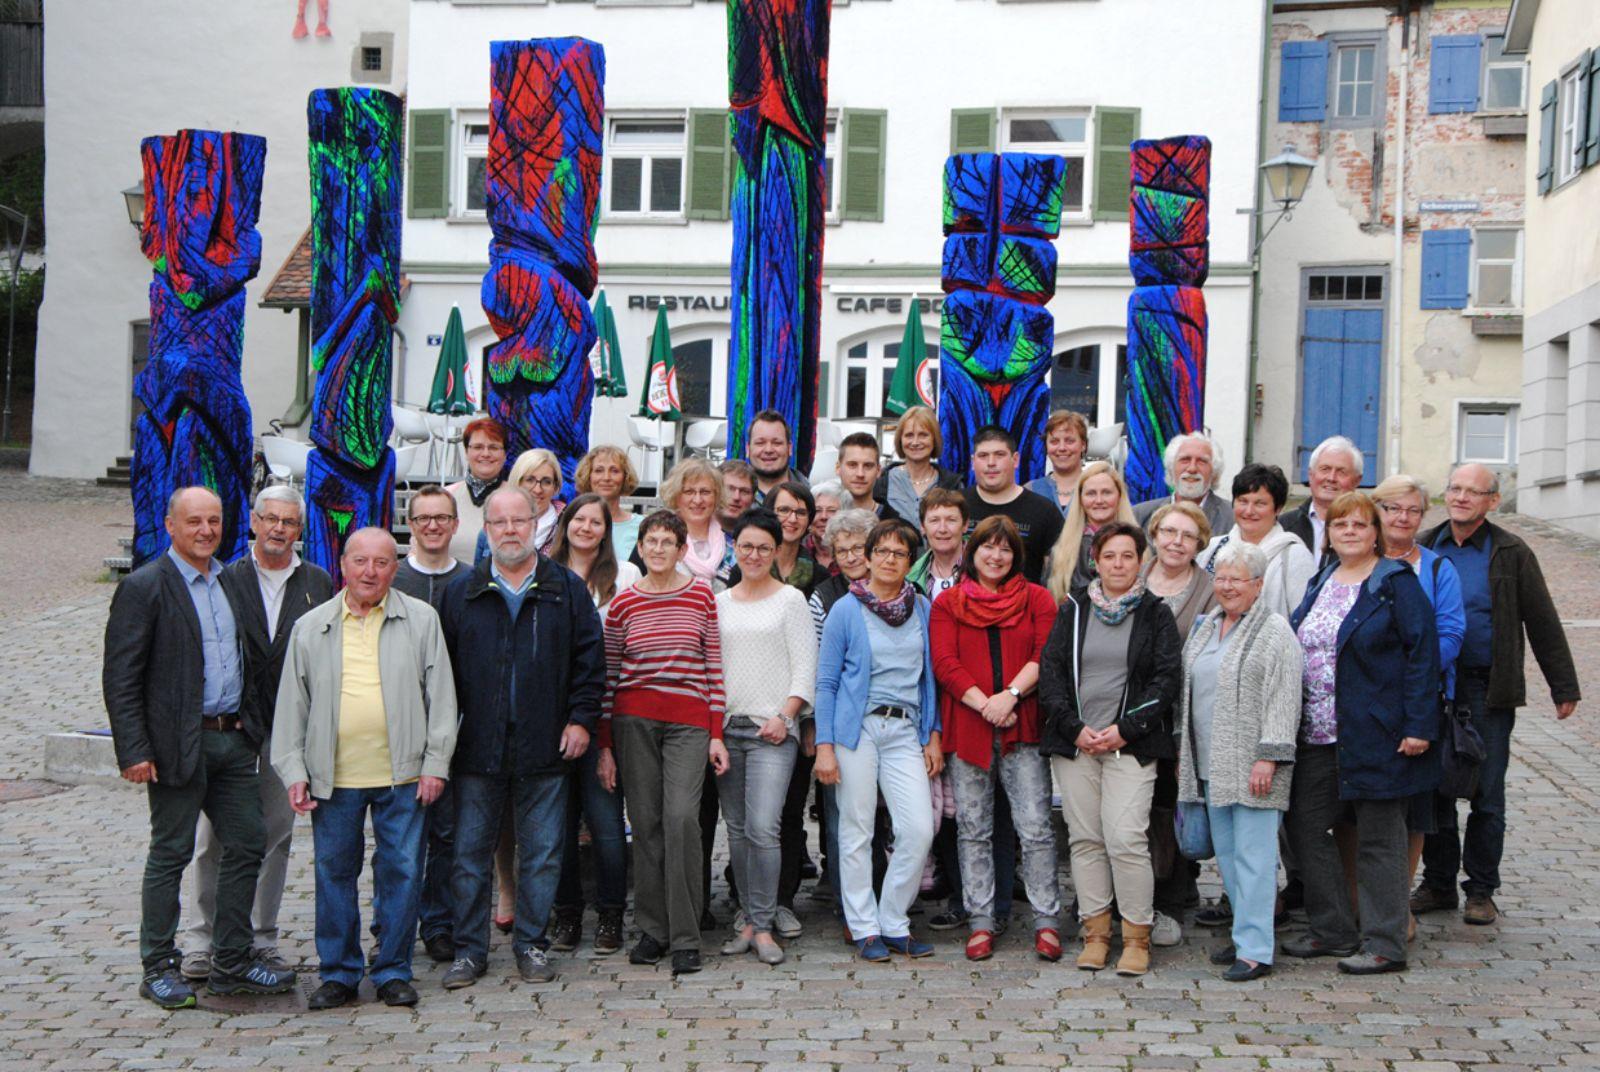 Gruppenfoto Kinderfestausschuss 2016 - Foto Carmen Notz